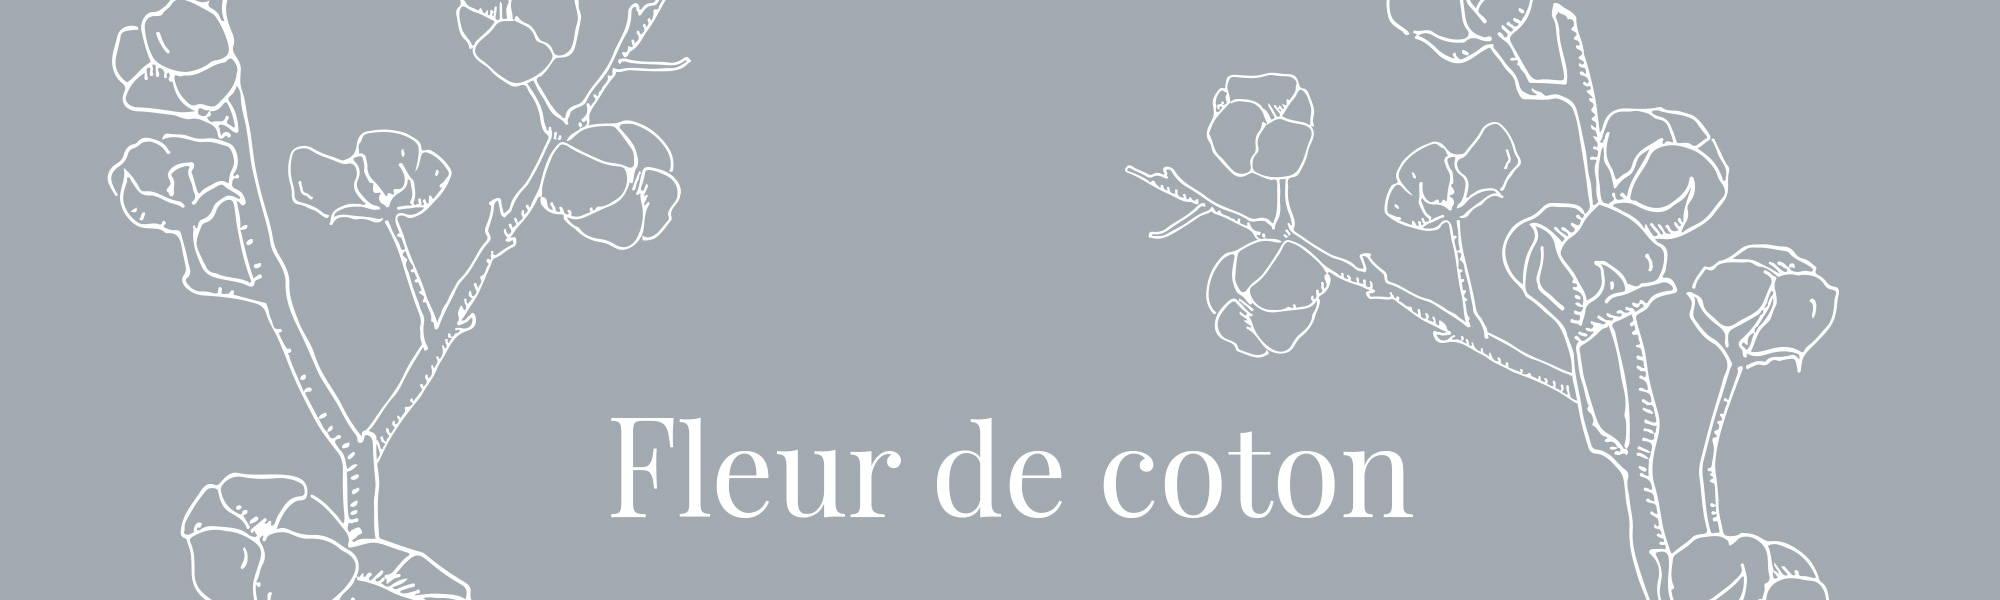 Image de la gamme Fleur de coton de la collection Femme Dans un Jardin